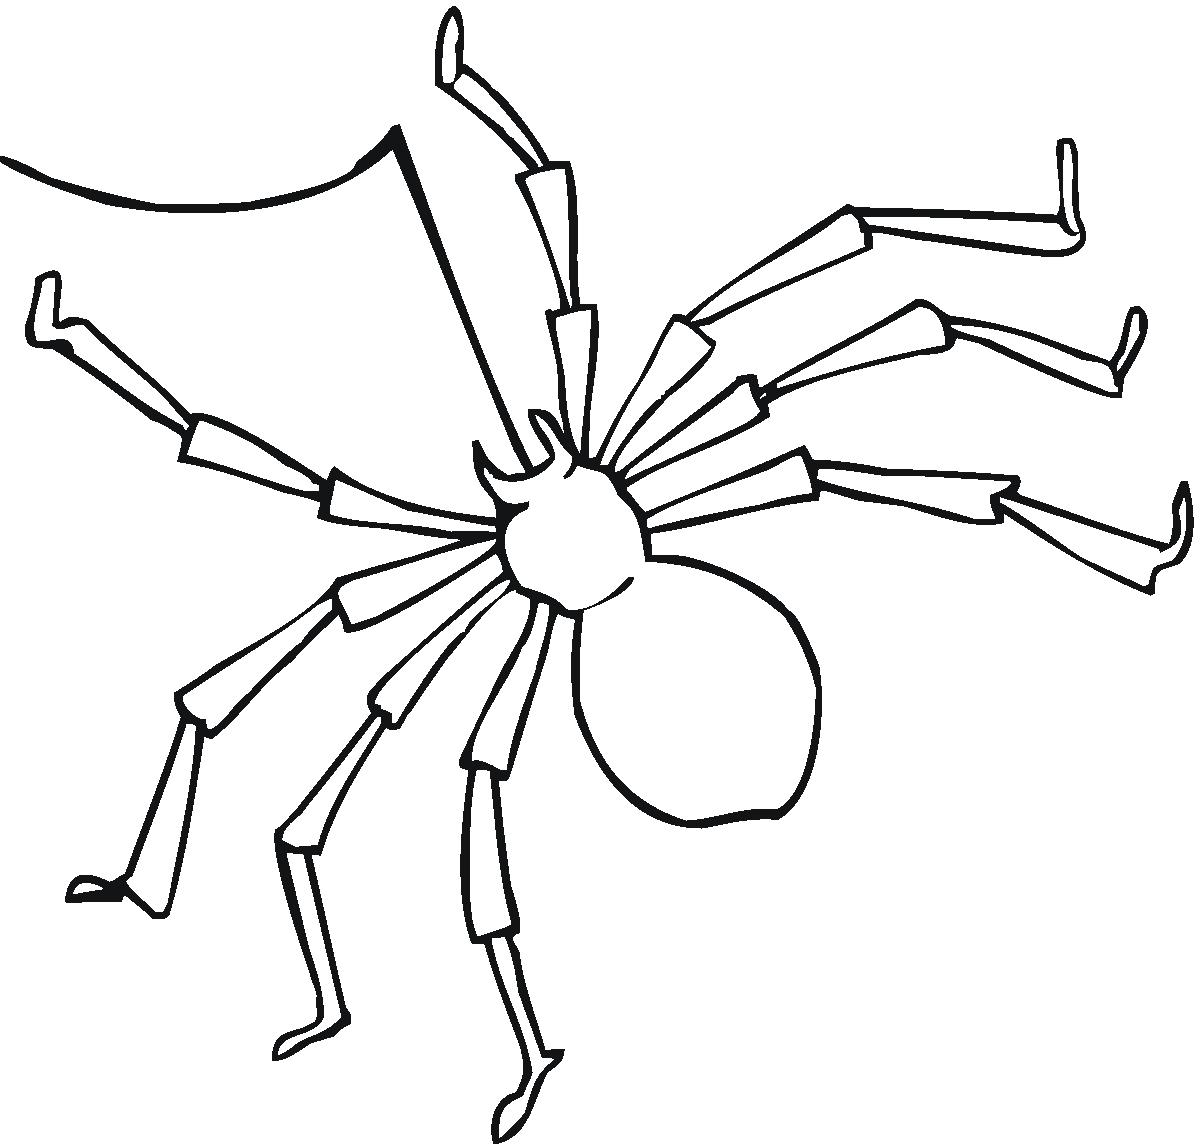 Coloriage Araignée #597 (Animaux) - Album de coloriages